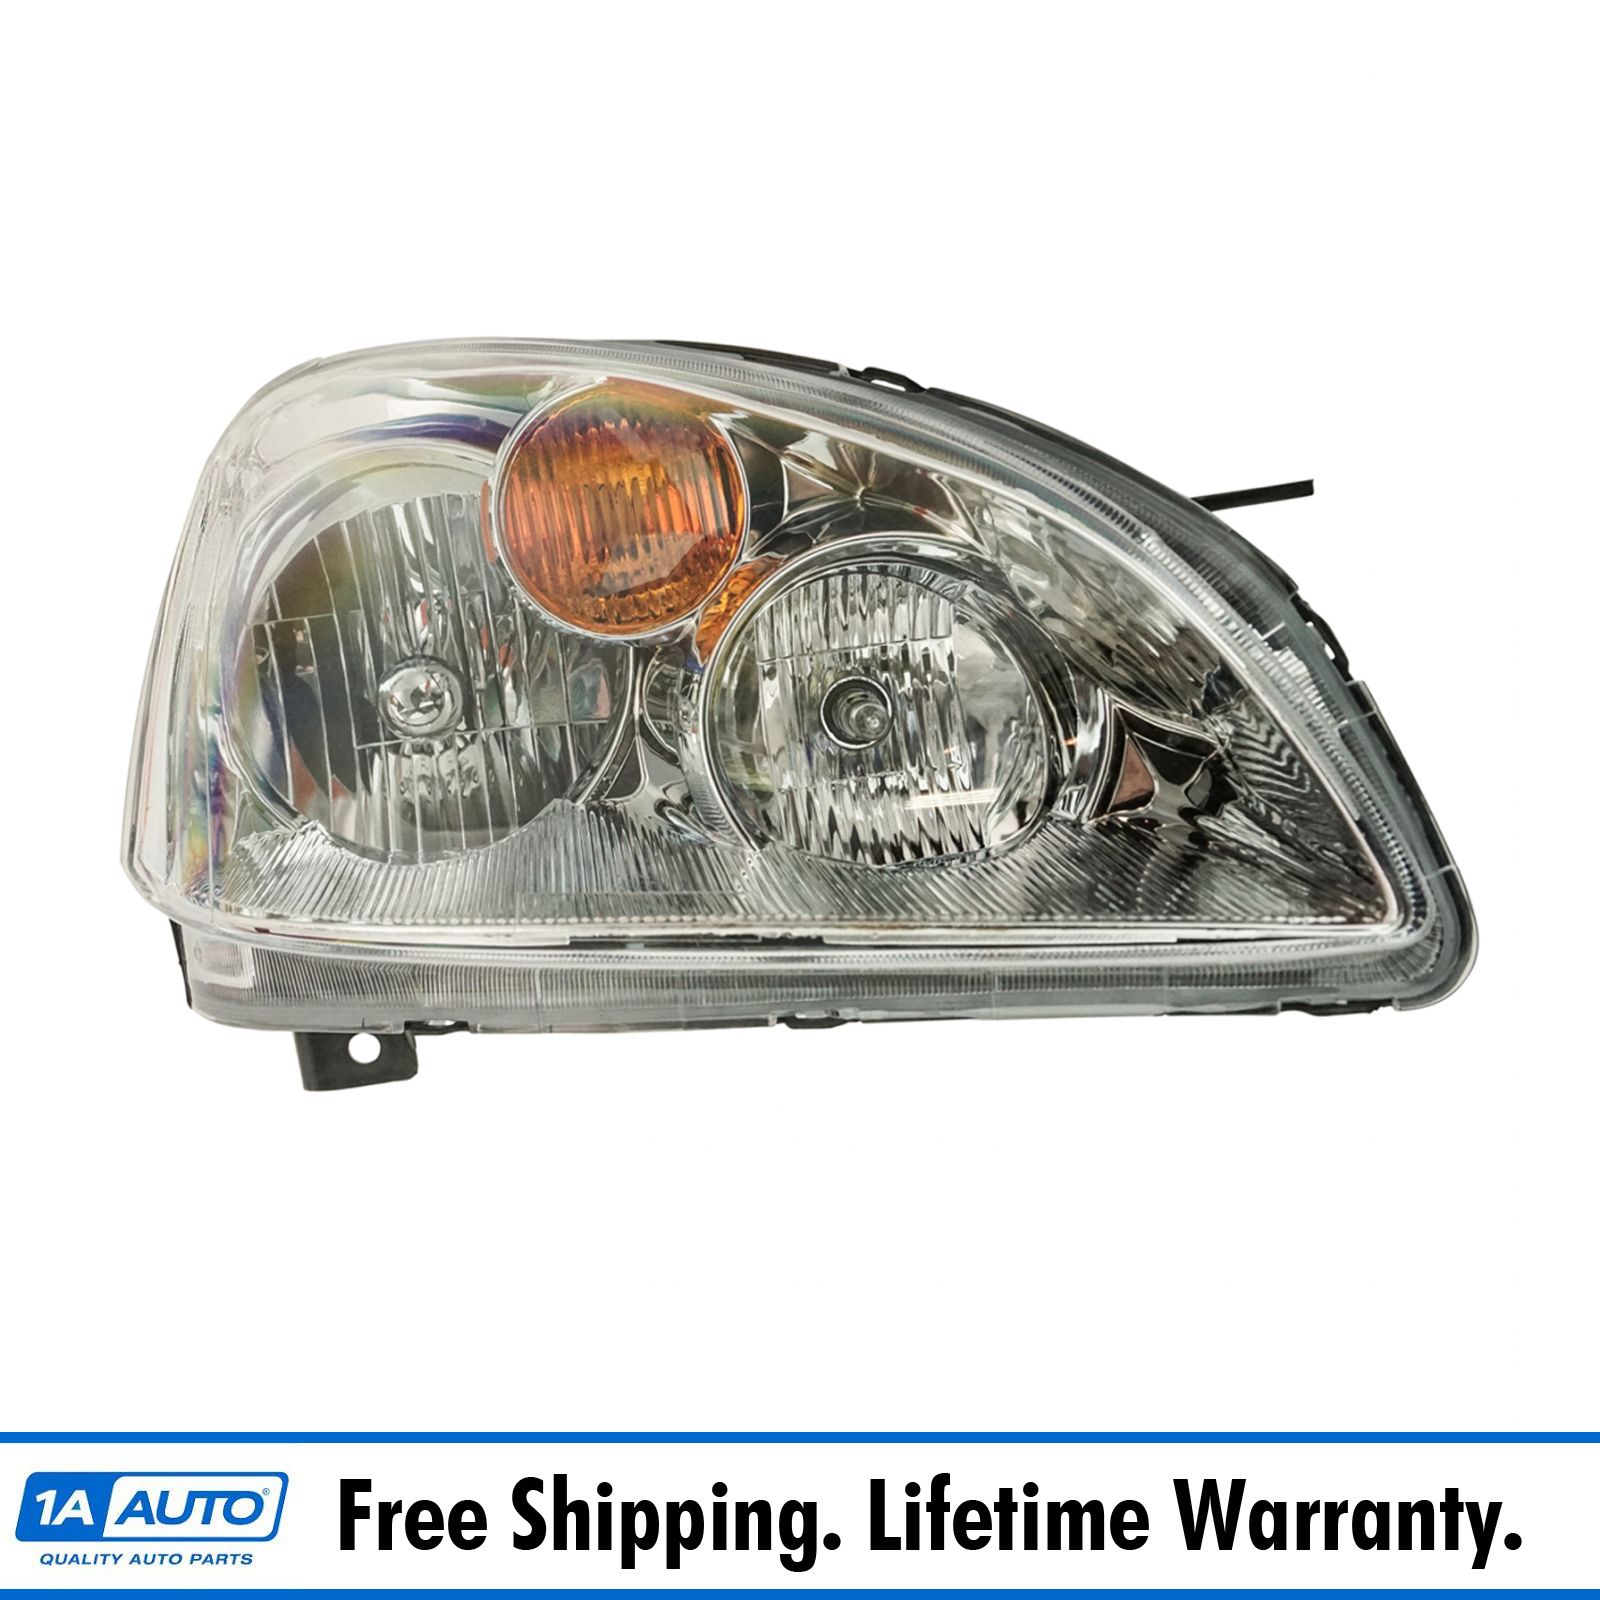 Headlight Headlamp Passenger Side Right RH For 02-04 Nissan Xterra XE